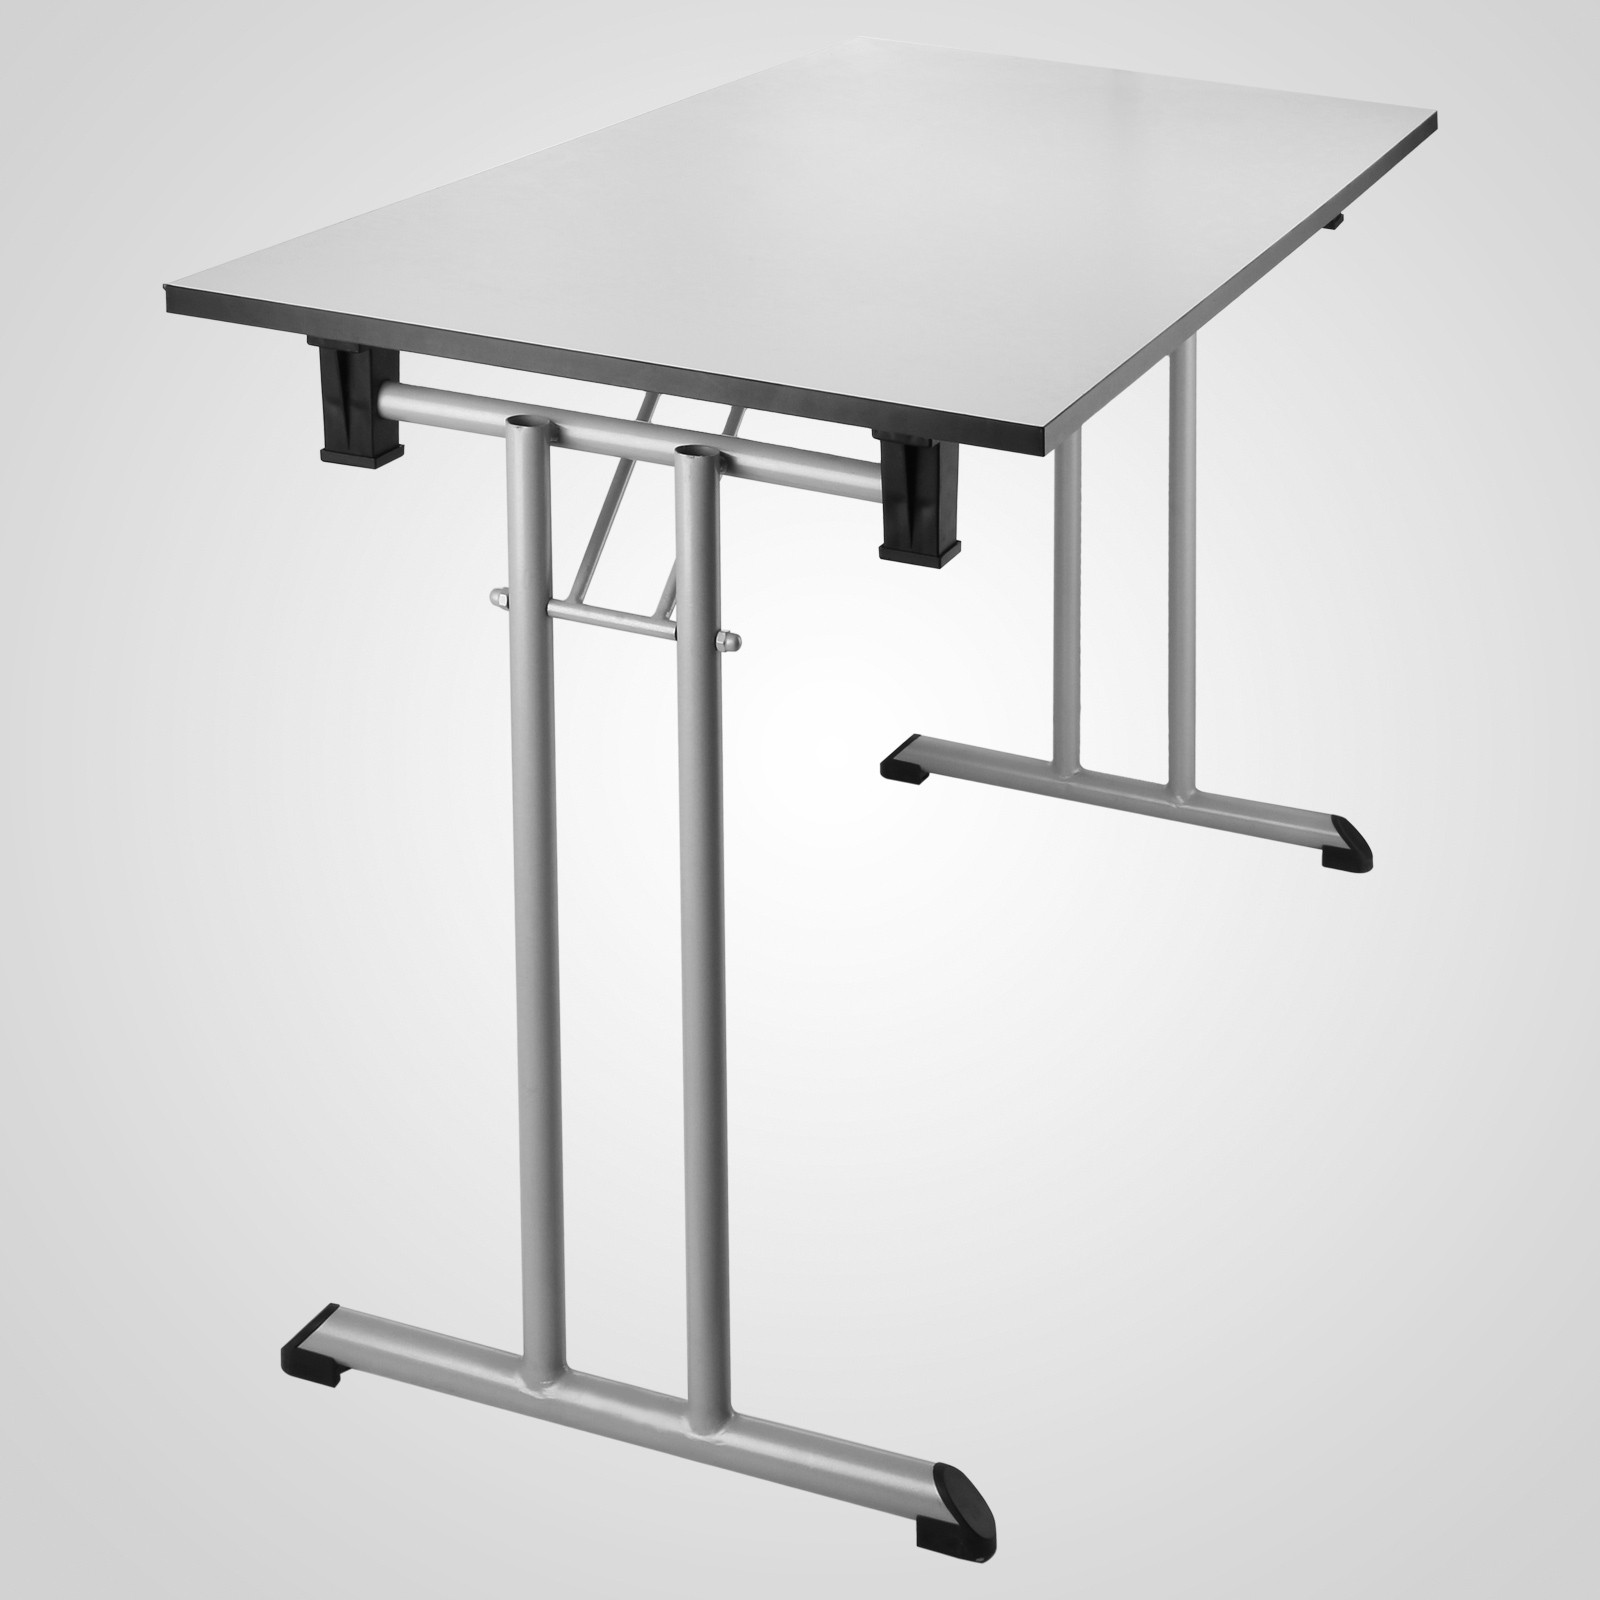 Tavolo in resina rigida e acciaio richiudibile a valigia pieghevole 130x60cm ebay - Tavolo pieghevole a valigia ...